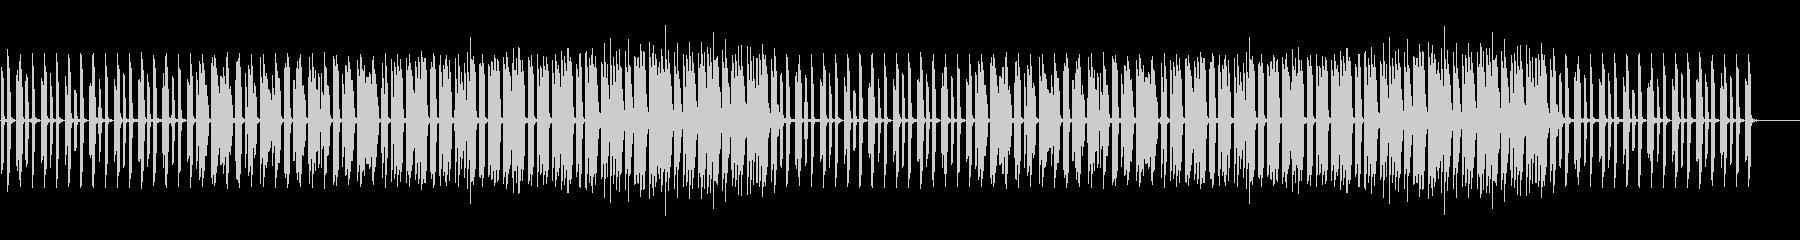 ゆるい、ほんわか、かわいい、日常系ピアノの未再生の波形